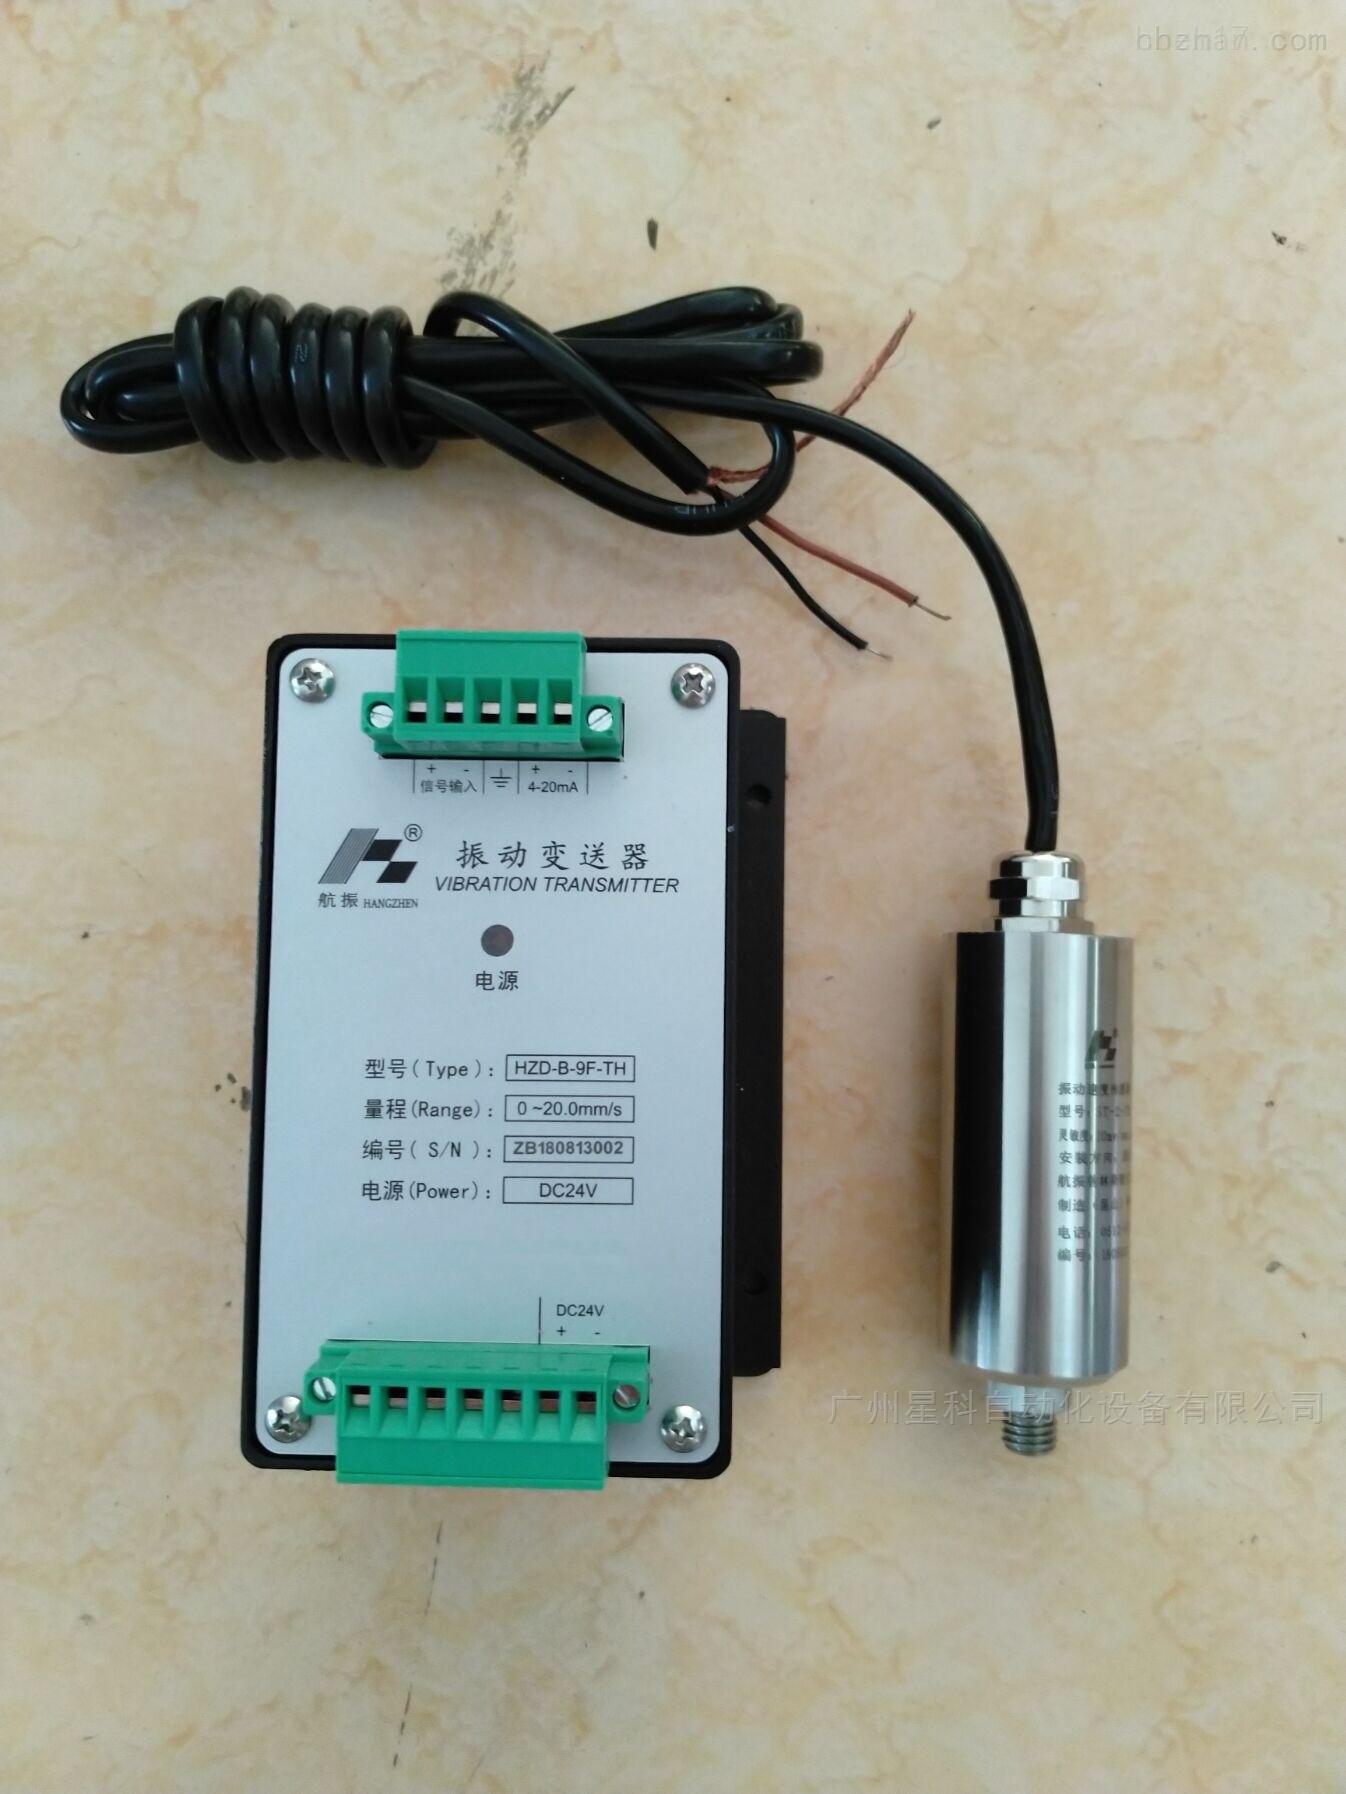 VB-Z220一体化轴振动变送器使用说明